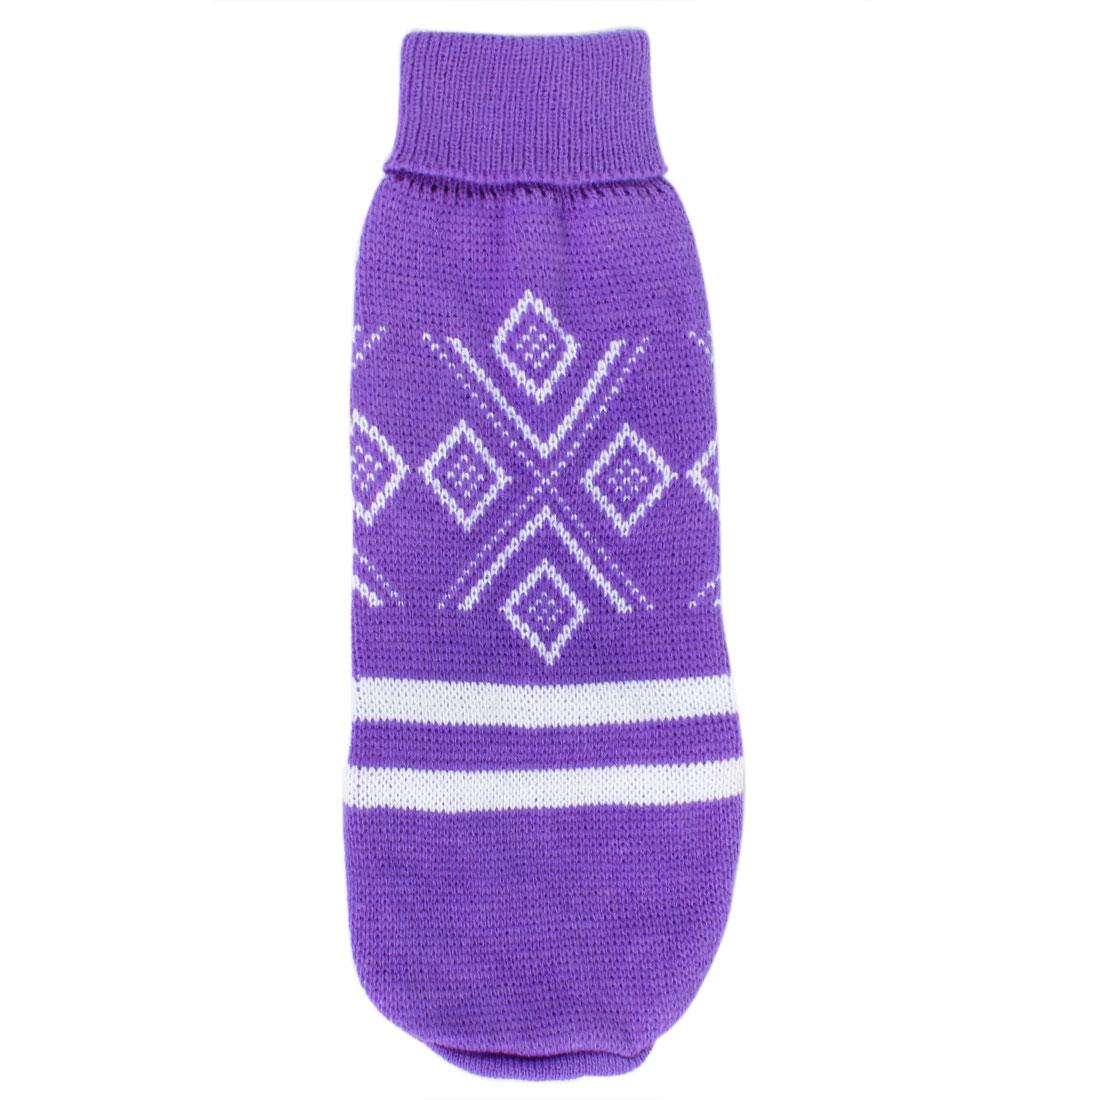 Pet Puppy Rhombus Pattern Turtleneck Warm Apparel Knitwear Sweater Purple Size XXS